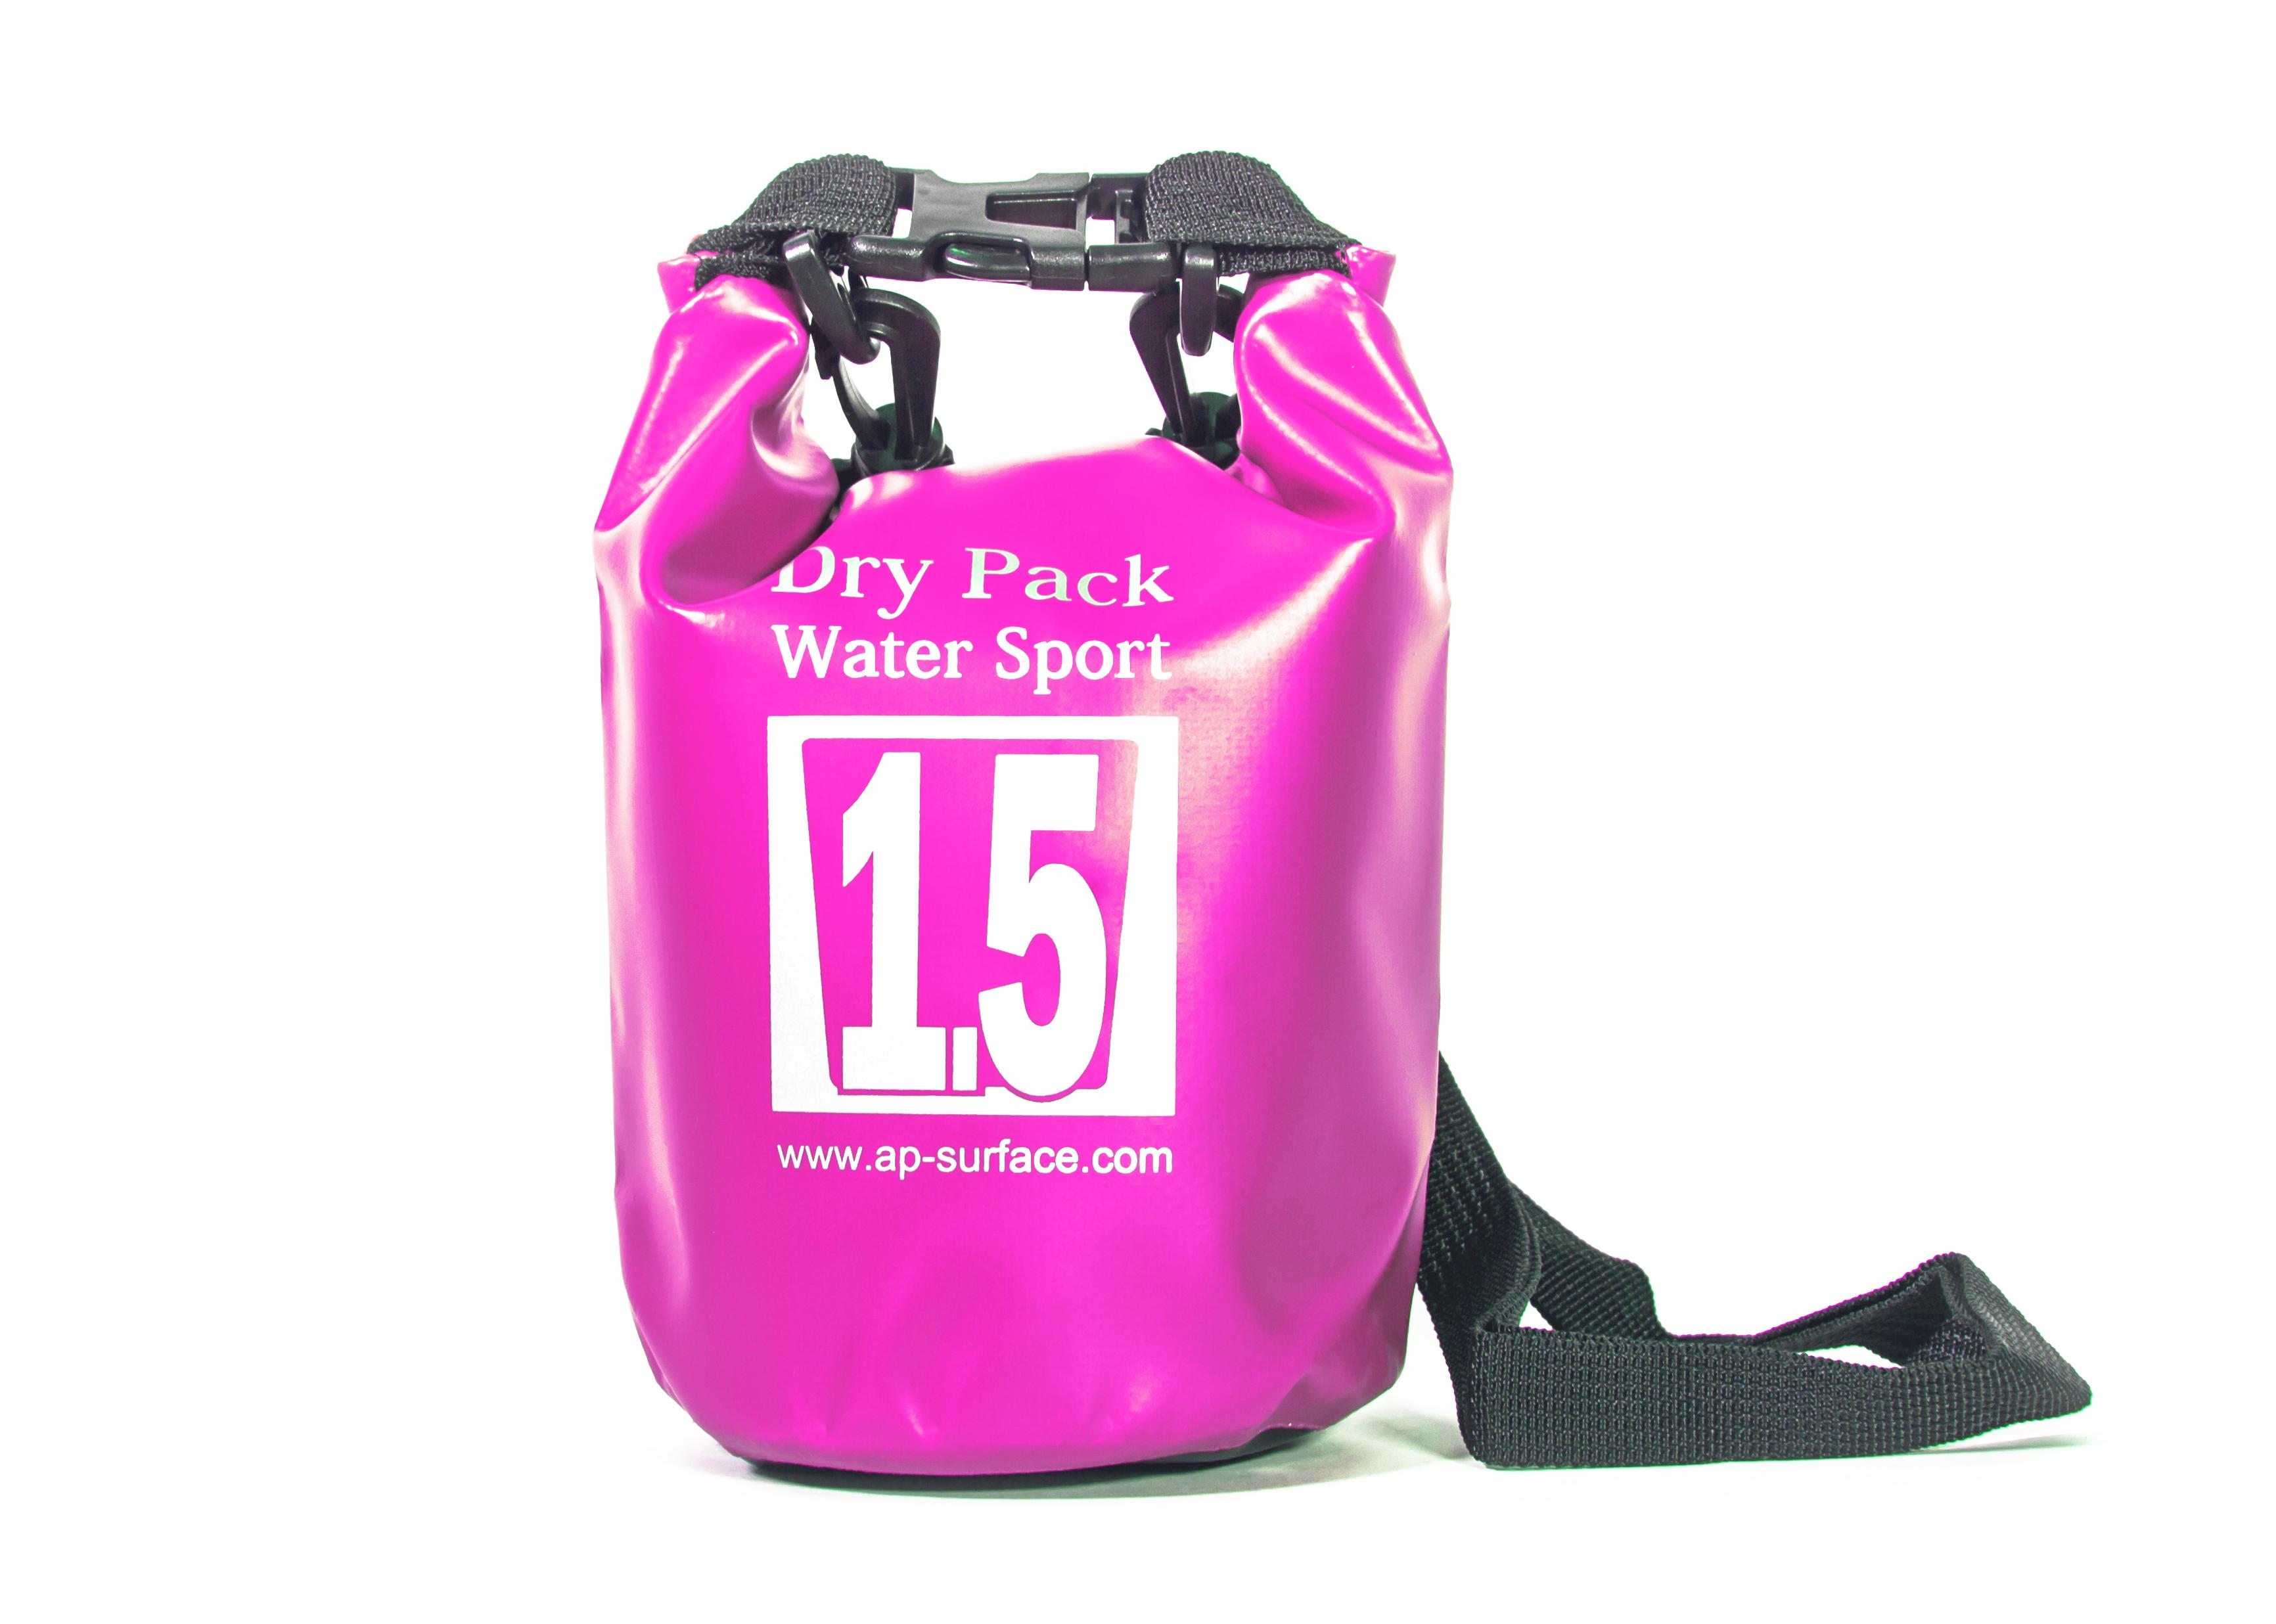 กระเป๋ากันน้ำ Dry Pack 1.5L - สีชมพู